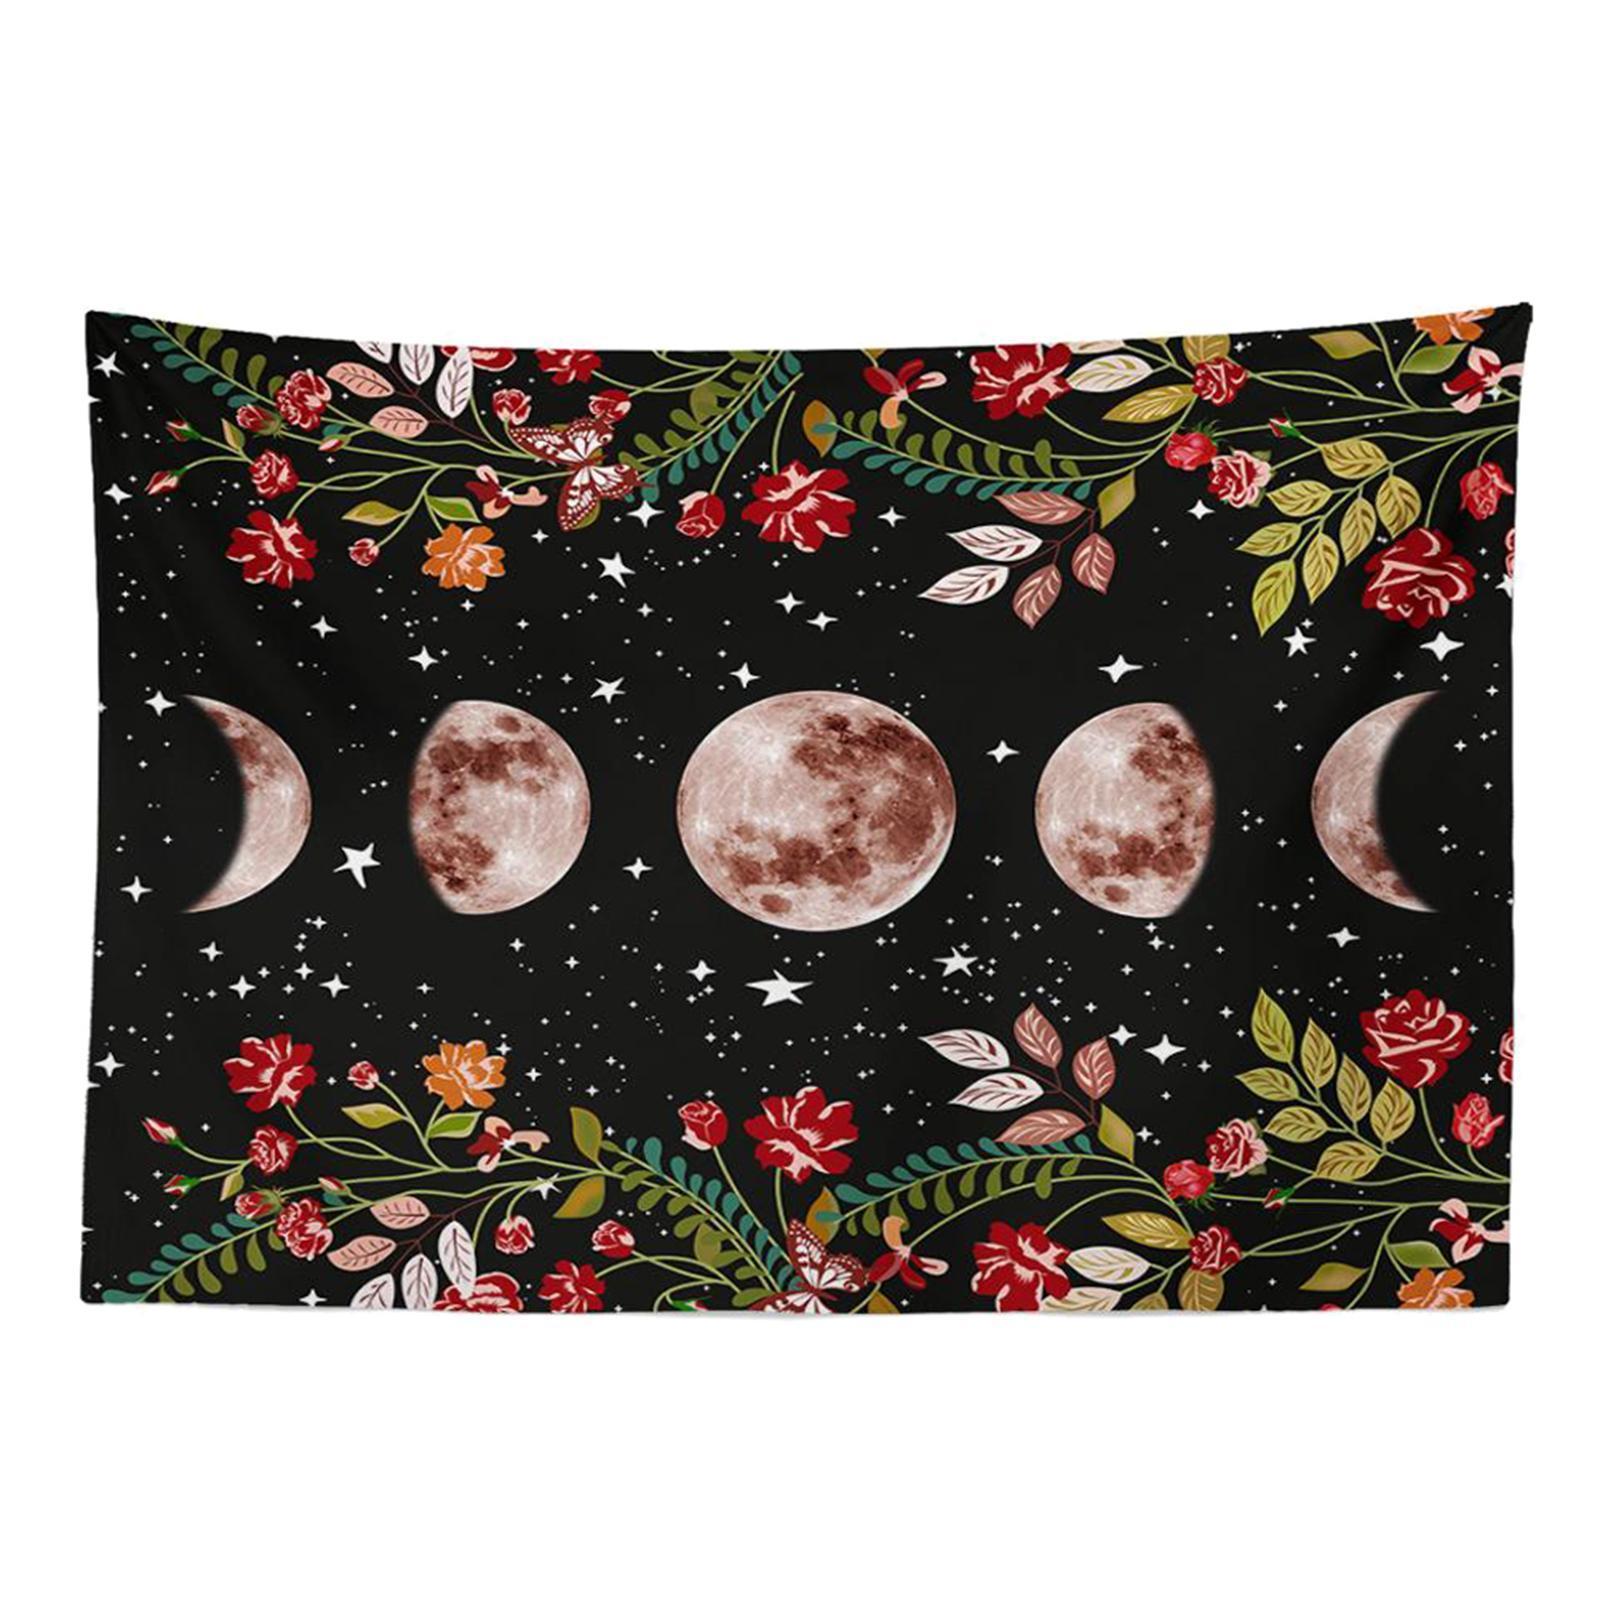 Arazzo-da-giardino-Moon-Star-Arazzi-Fiore-Vine-Arazzo-da-parete-Sfondo-nero miniatura 3